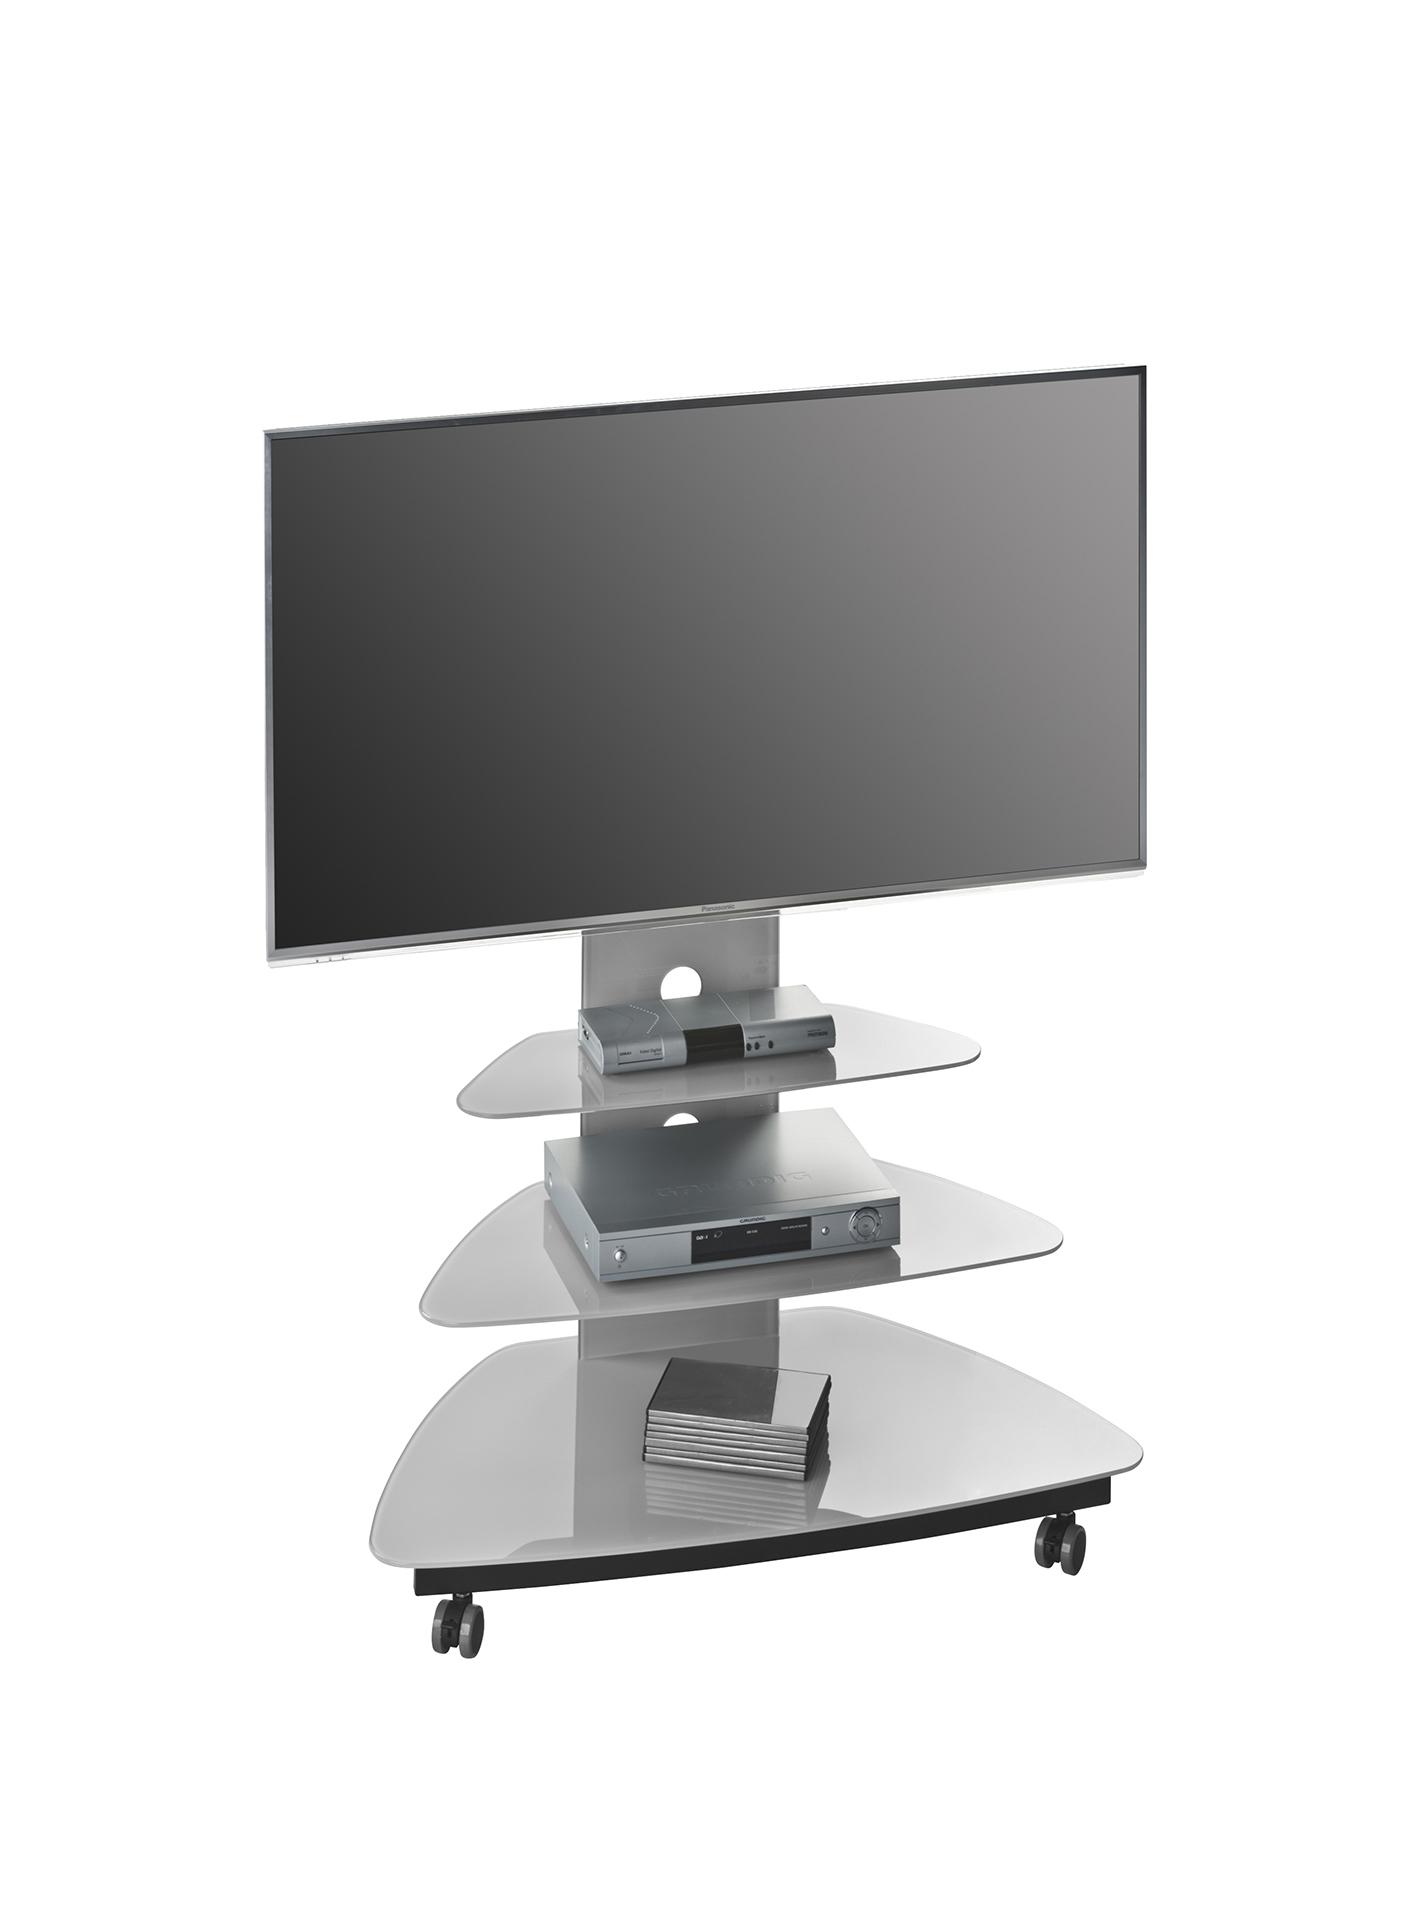 tv rack board ablage glastisch design mod mj047 metall schwarz glas platingrau ebay. Black Bedroom Furniture Sets. Home Design Ideas